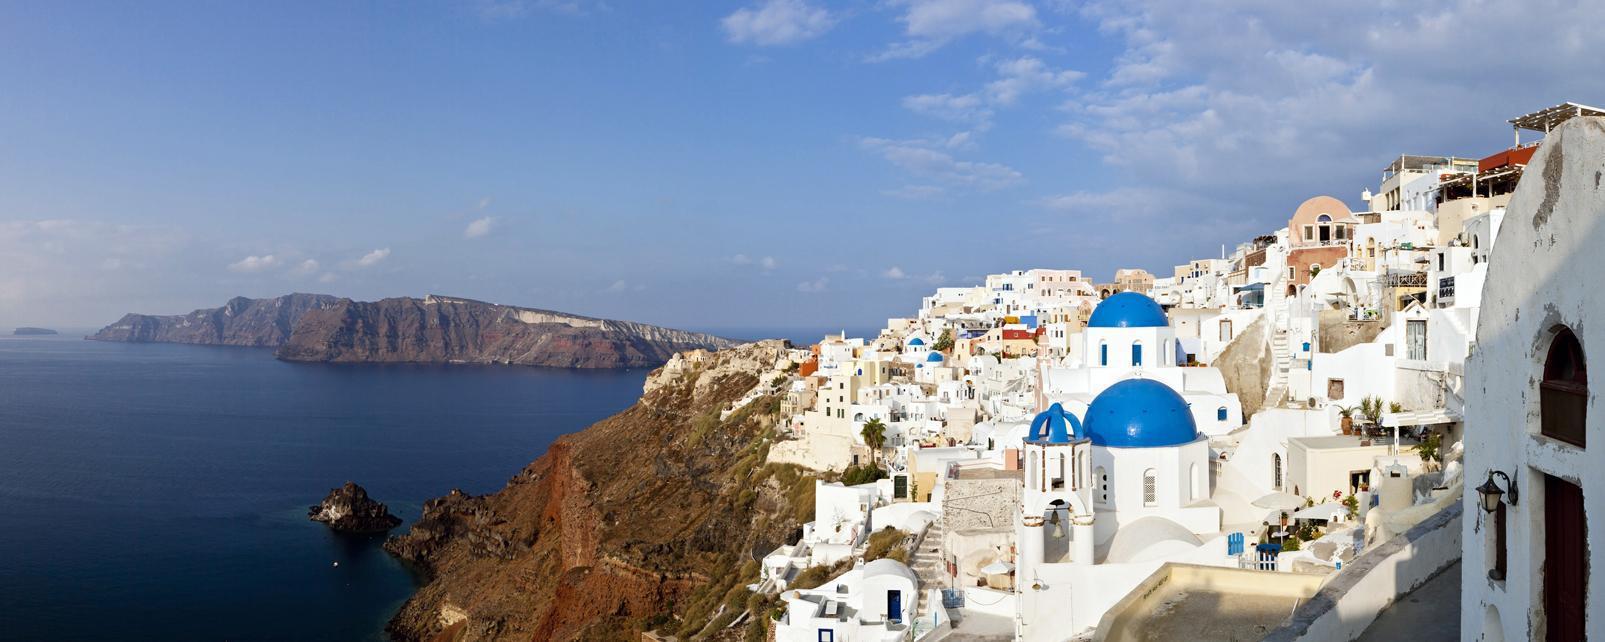 Viaggi santorini grecia guida santorini con easyviaggio for Grecia vacanze